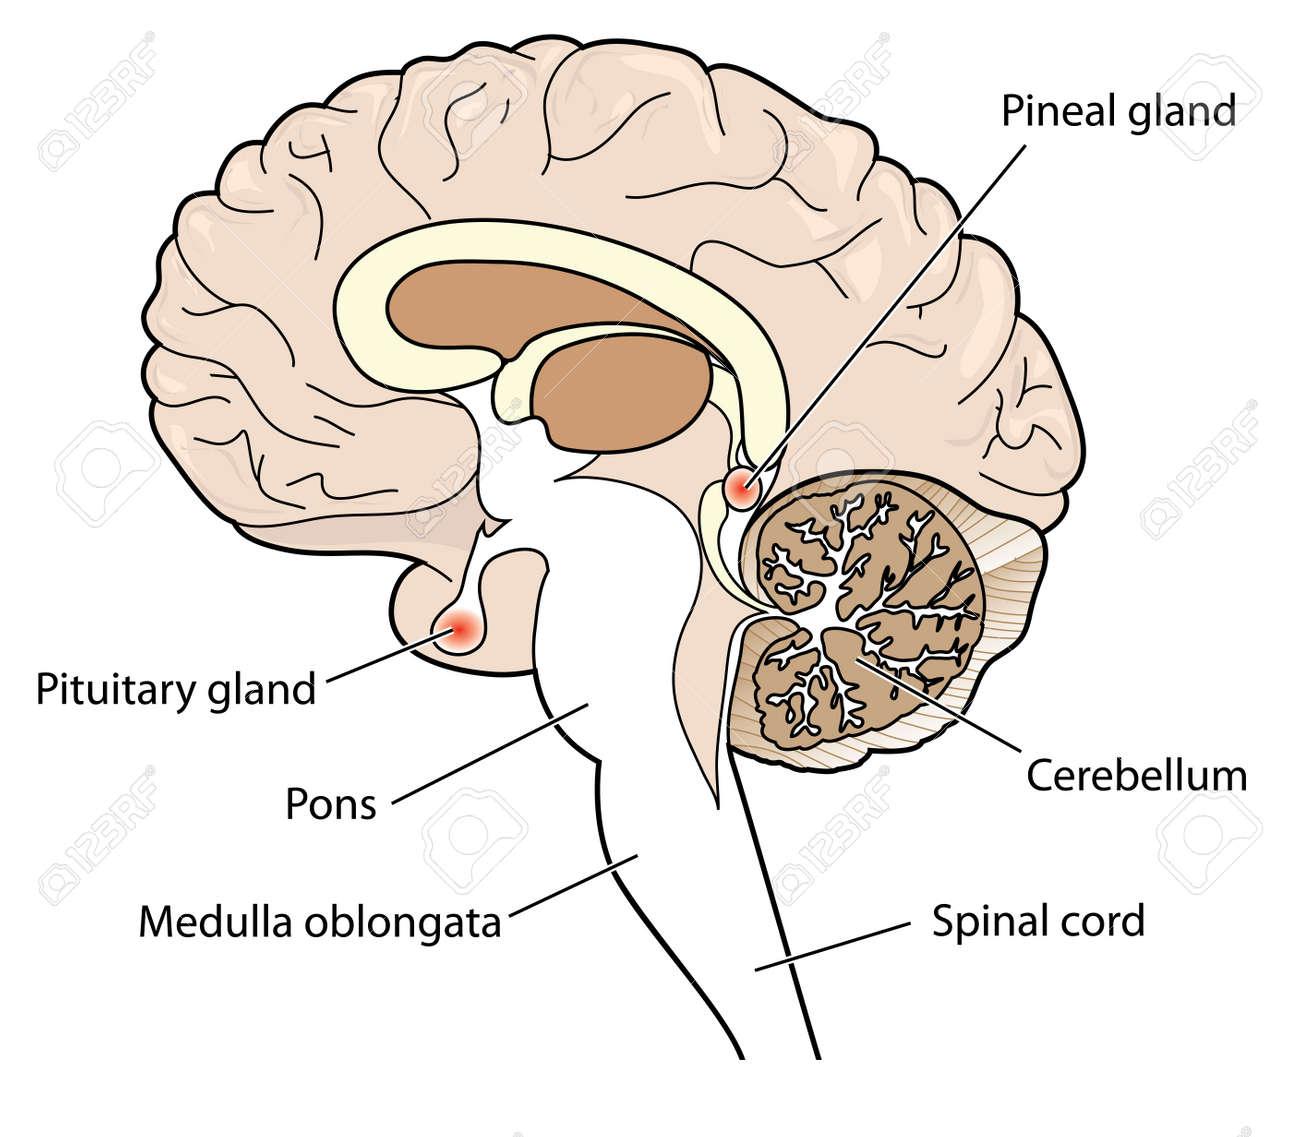 Querschnitt Des Gehirns, Welche Die Hypophyse Und Die Zirbeldrüse ...